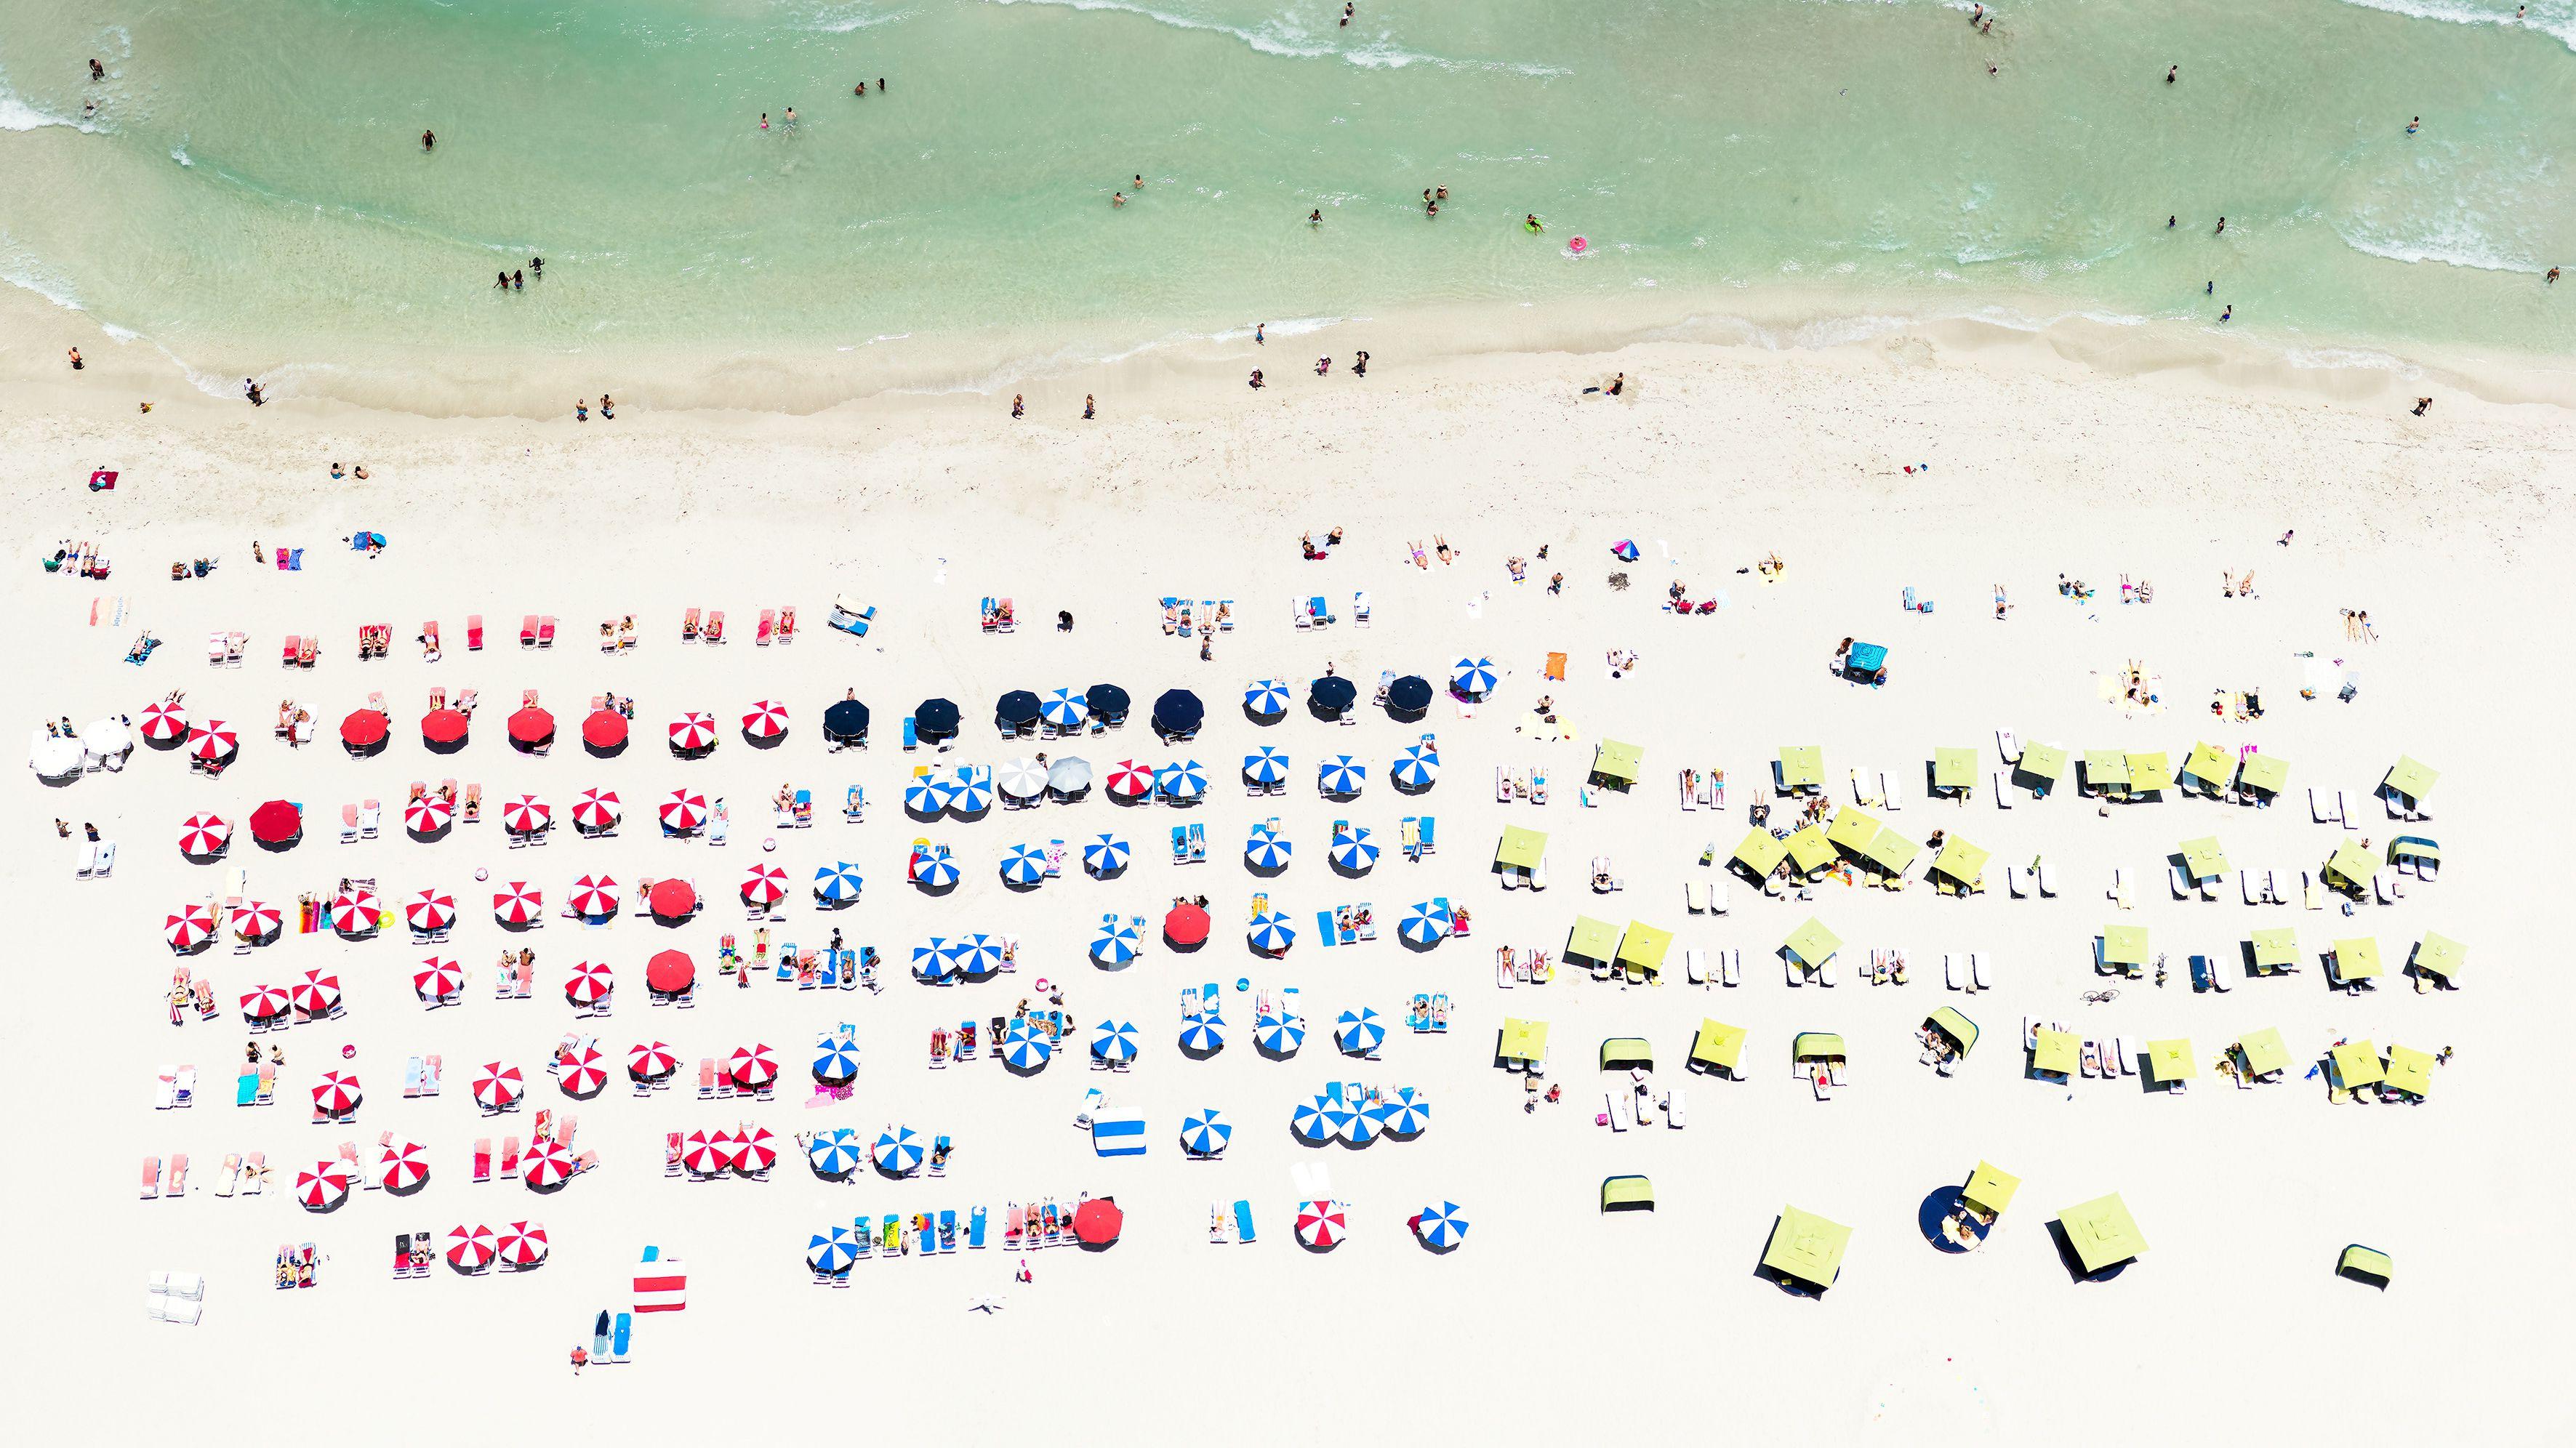 An aerial photograph of a beach in Miami